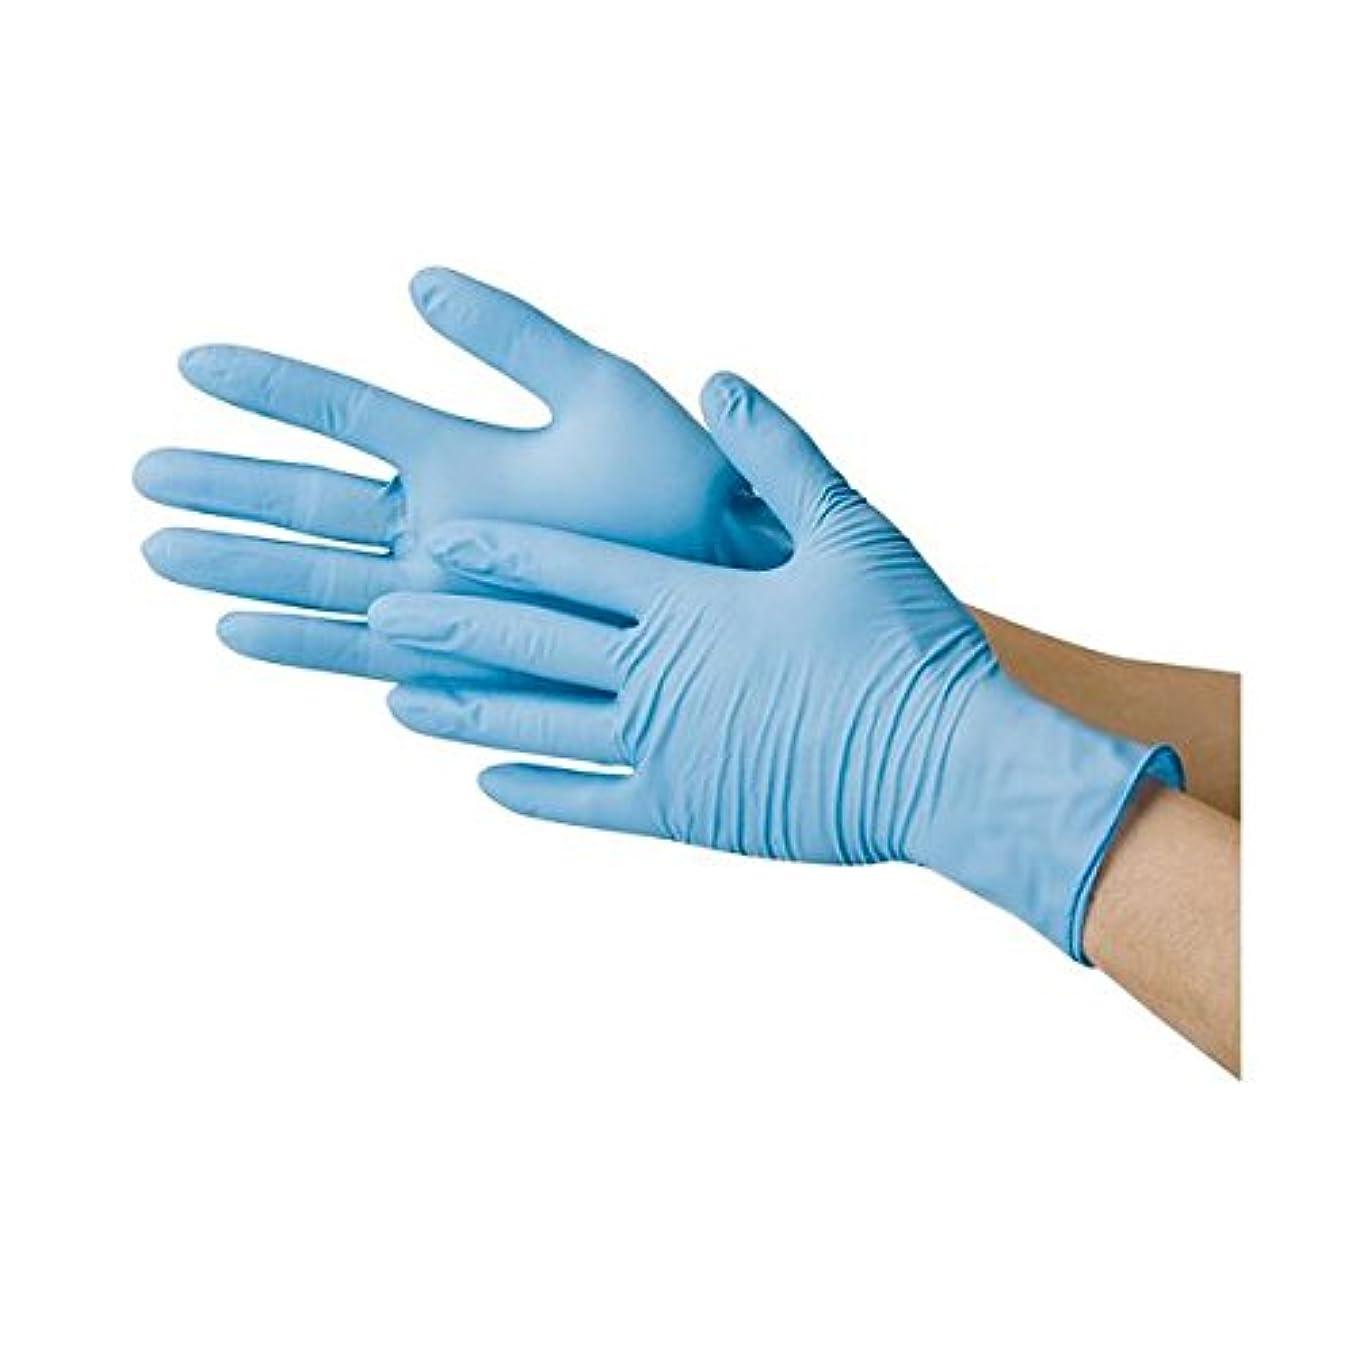 特権的アパル何故なの川西工業 ニトリル極薄手袋 粉なし ブルーM ダイエット 健康 衛生用品 その他の衛生用品 14067381 [並行輸入品]